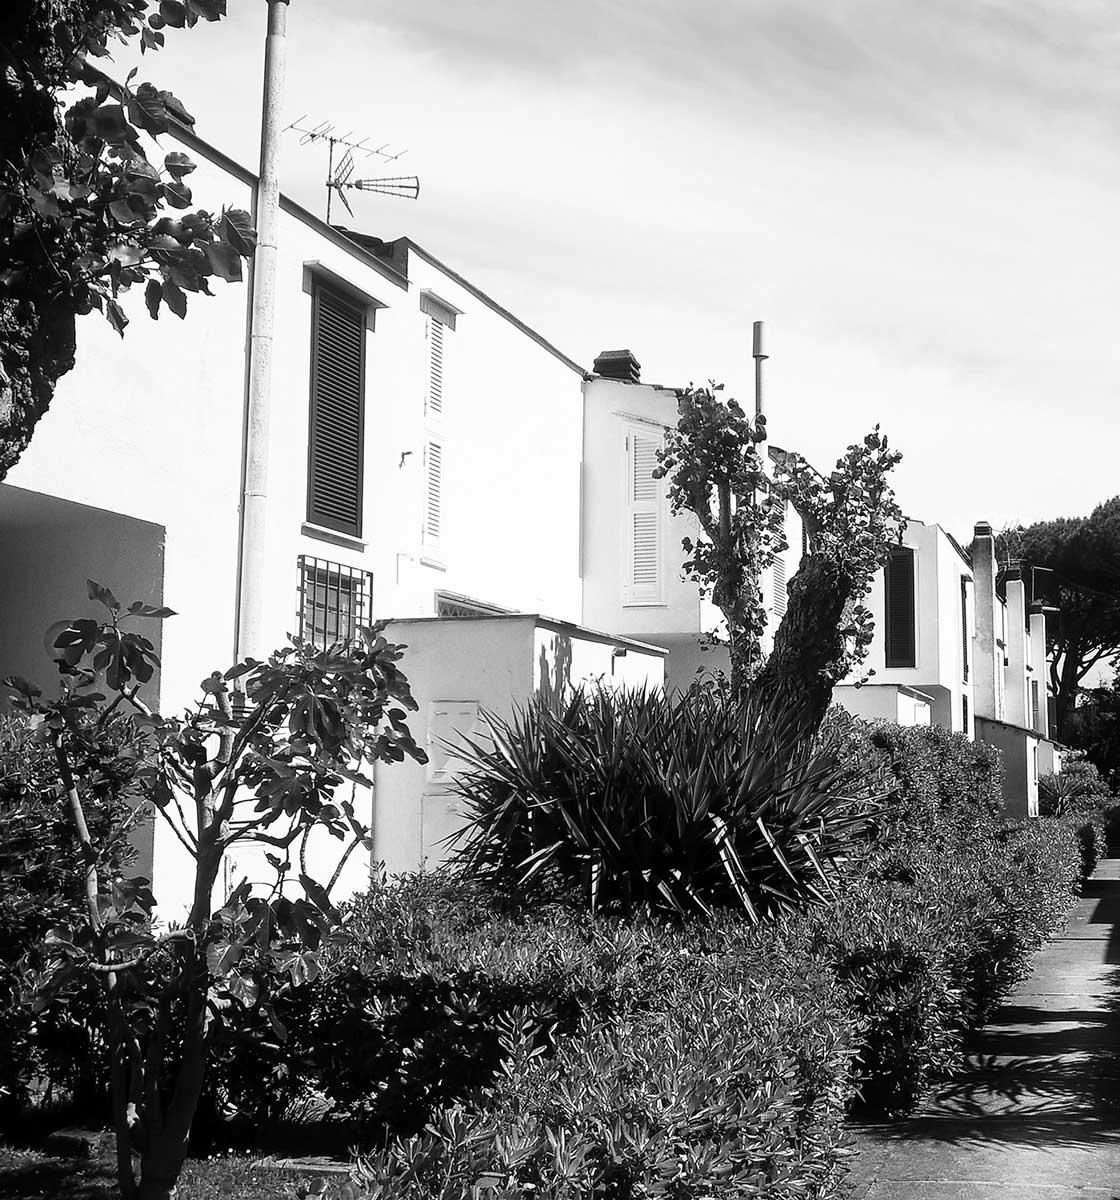 2 - Edifici residenziali unifamiliari singoli e aggregati in via Cesenatico a Fregene (RM); in collaborazione - Vista esterna